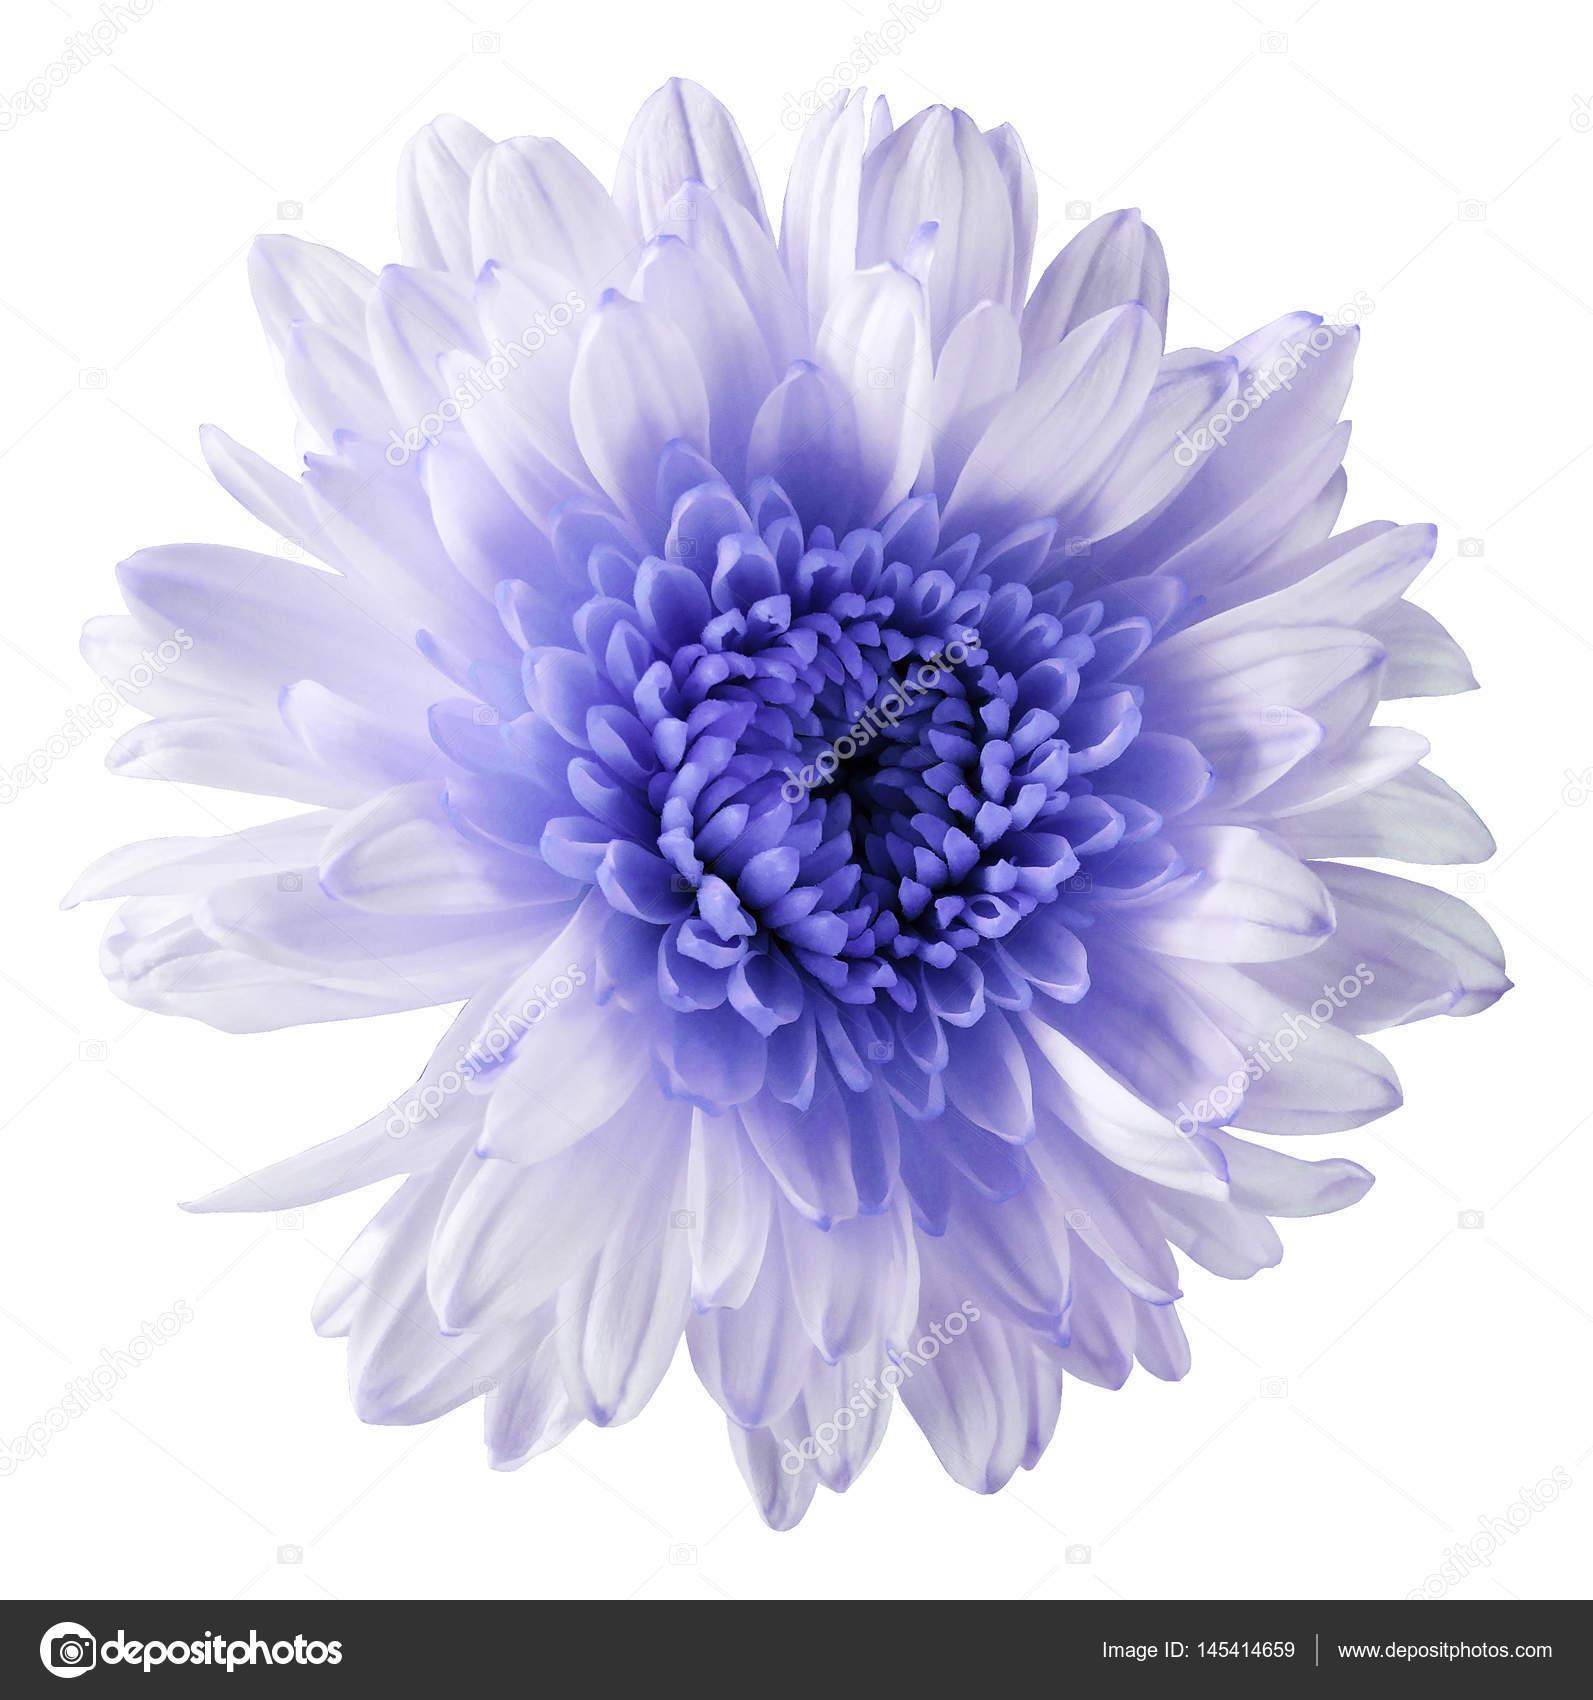 White violet flower chrysanthemum garden flower white isolated white violet flower chrysanthemum garden flower white isolated background with clipping path closeup no shadows blue centre nature mightylinksfo